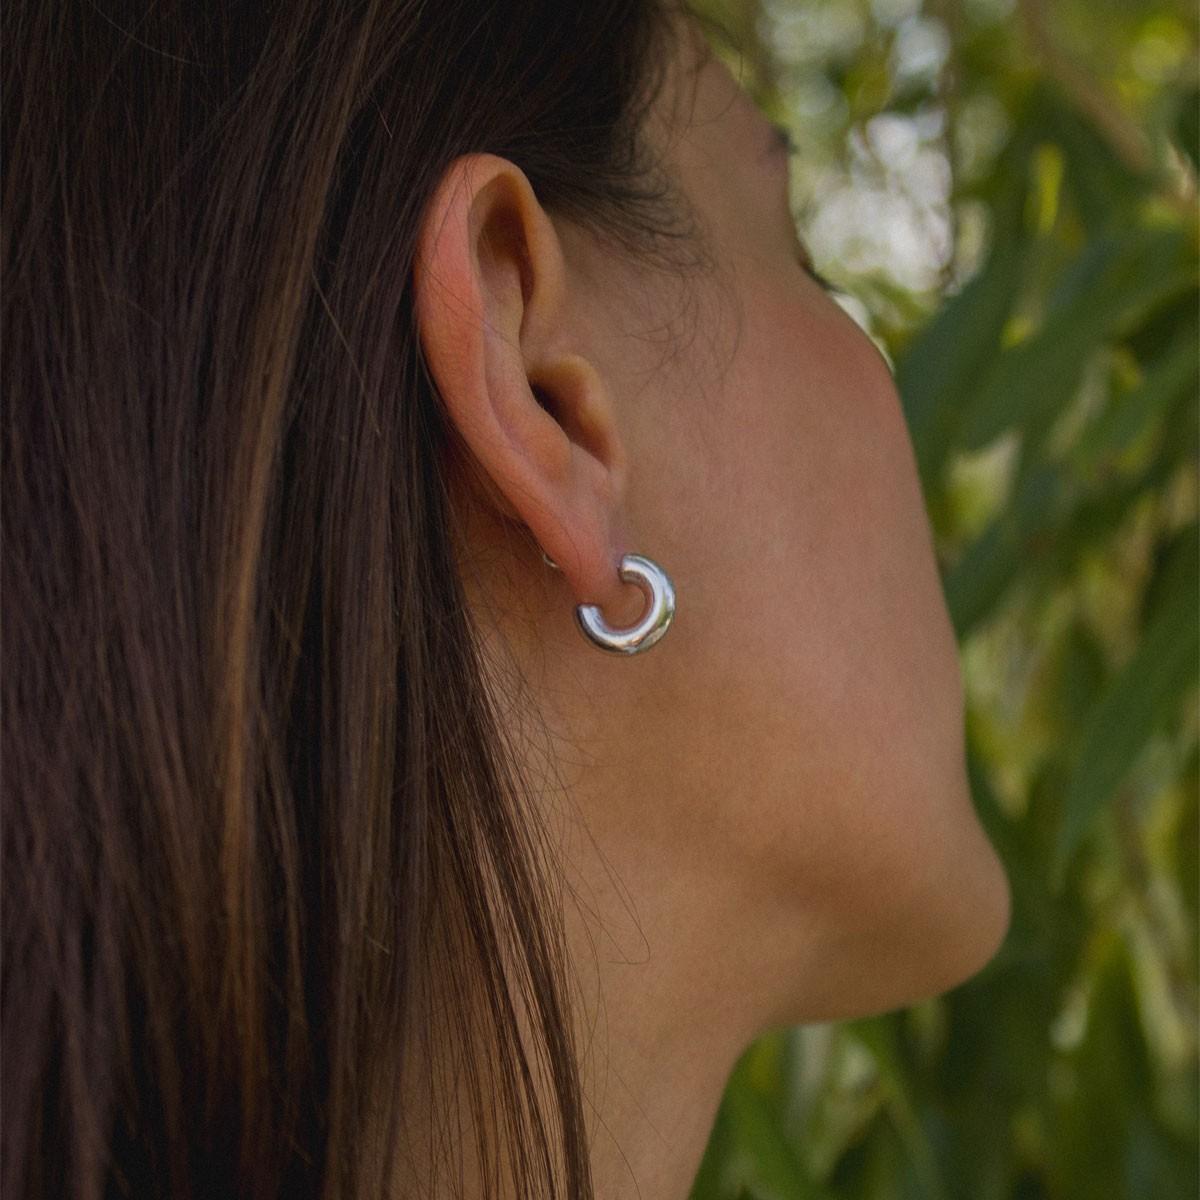 Серьги RimmArt Jewelry купить в интернет магазине Украина